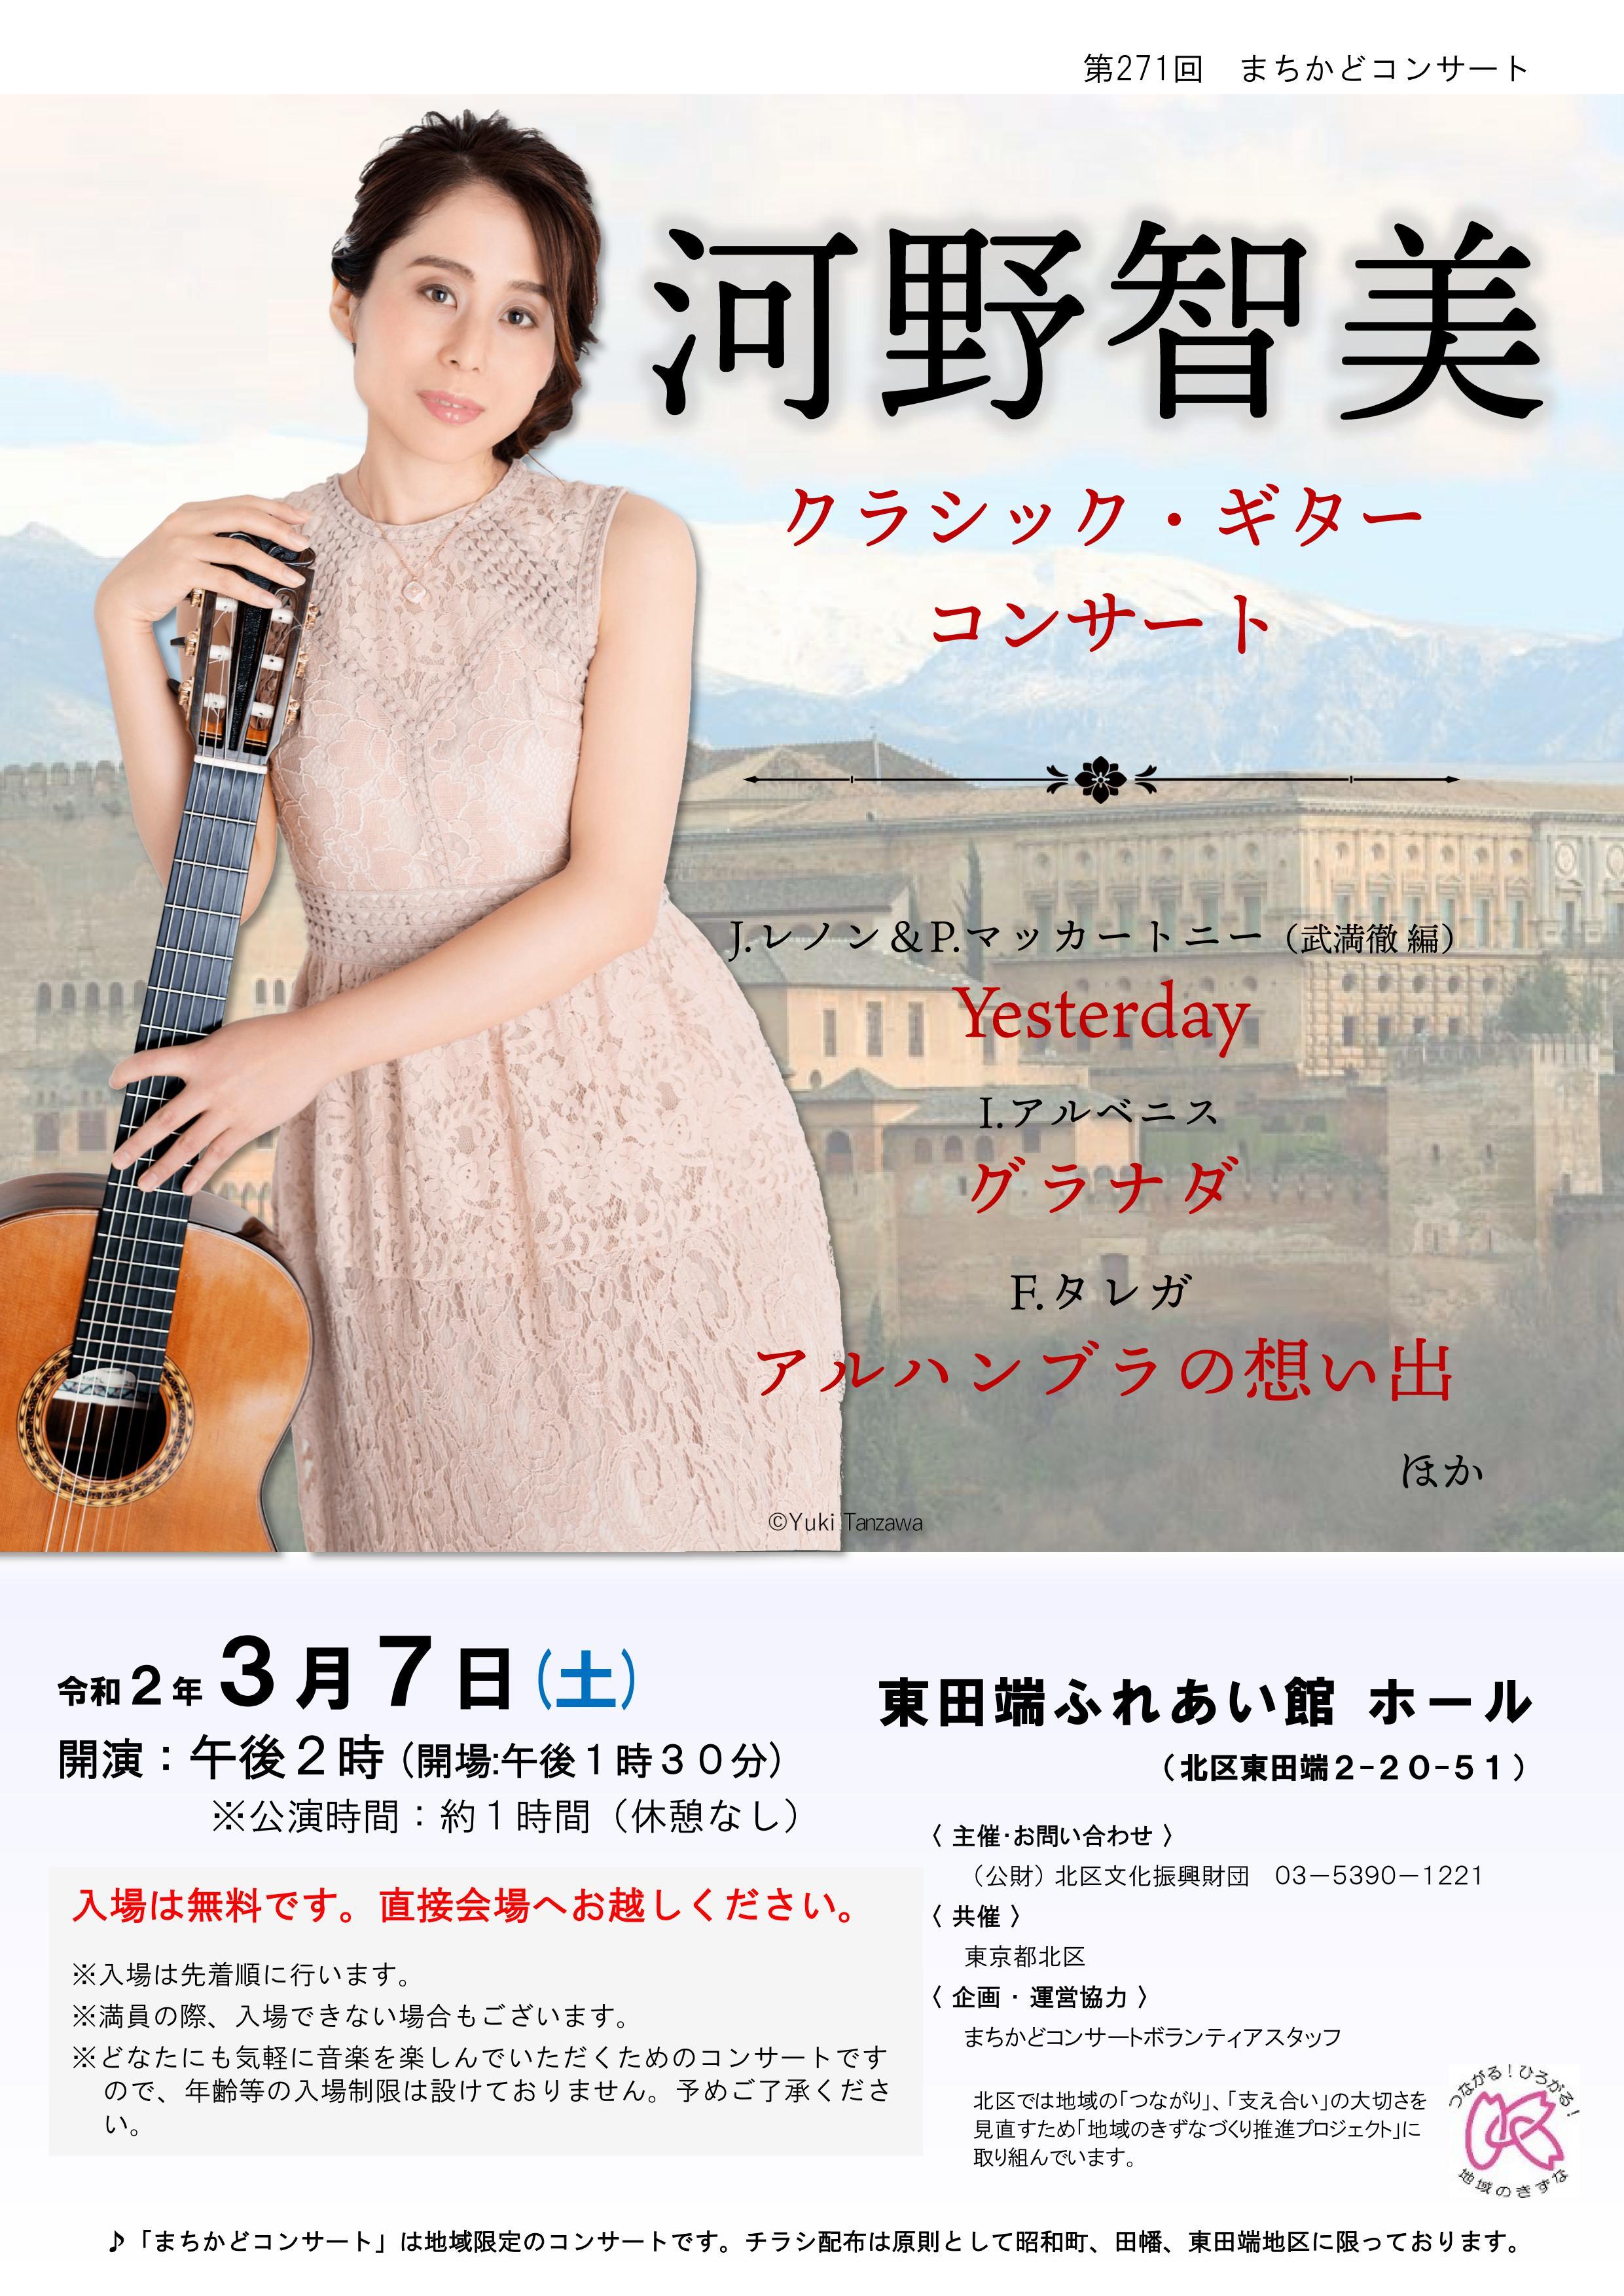 <中止>【まちかどコンサート】河野智美クラシック・ギター・コンサートの画像